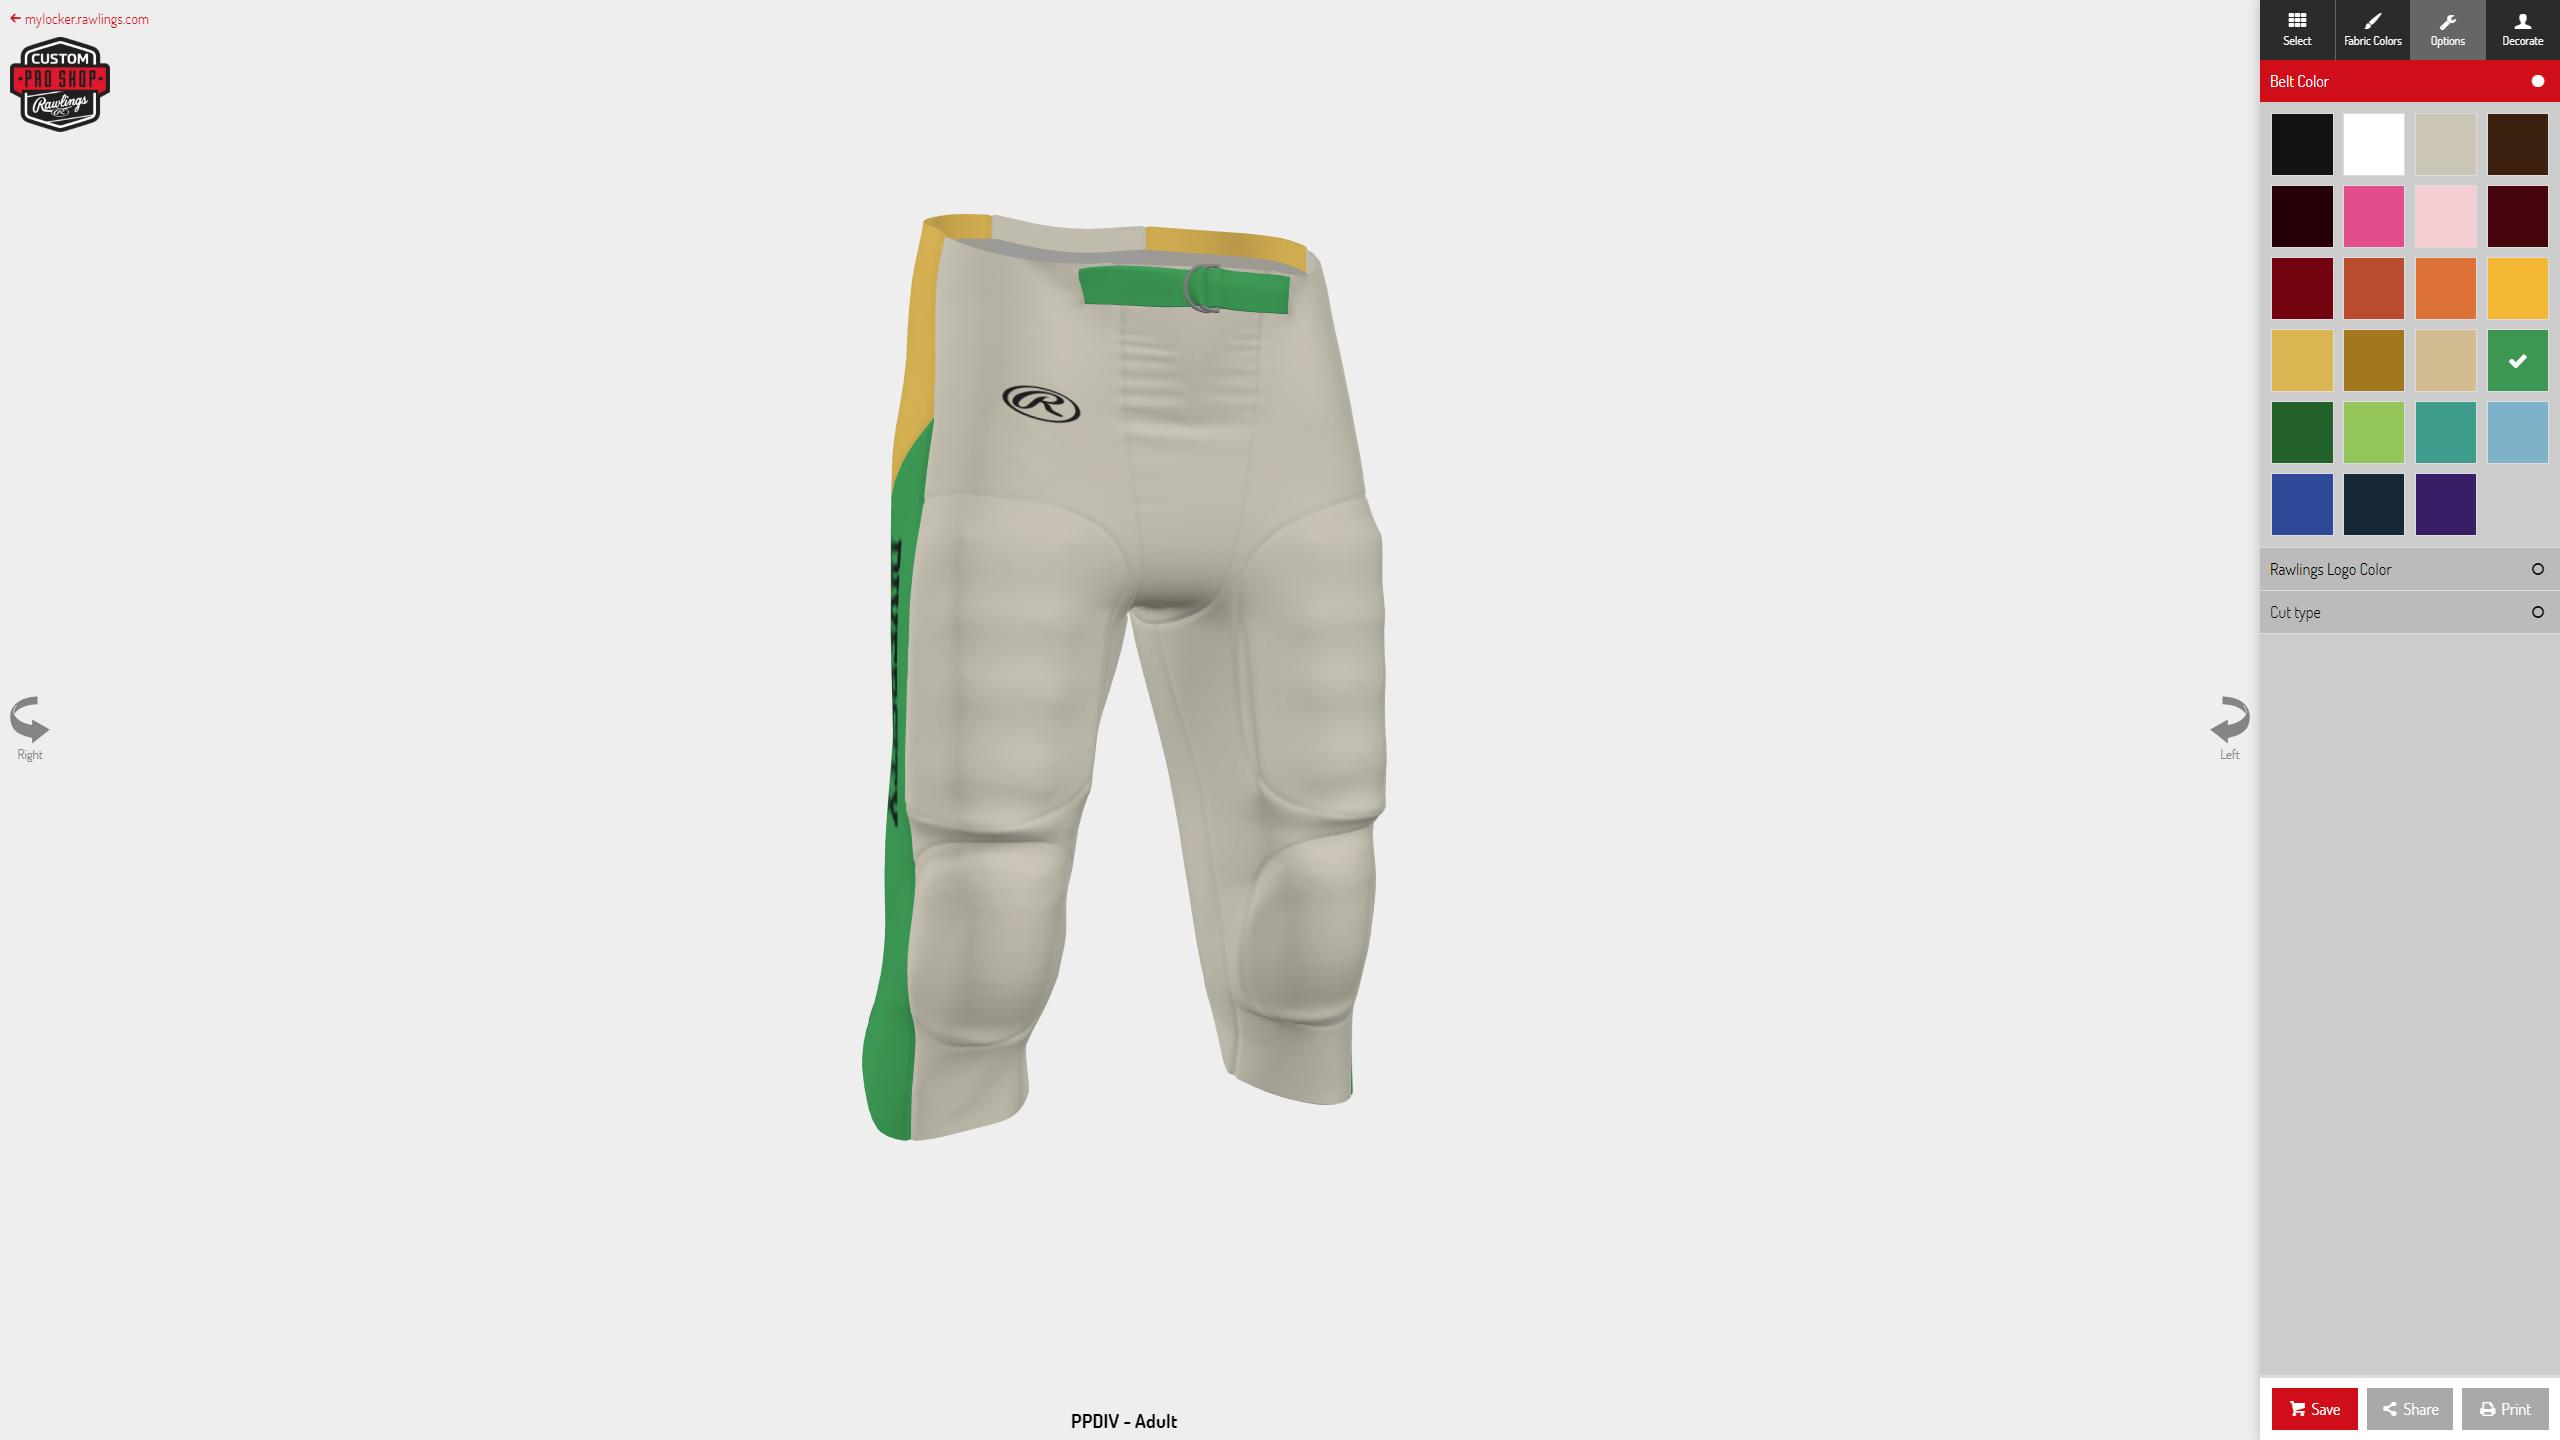 Rawlings_Uniforms_03